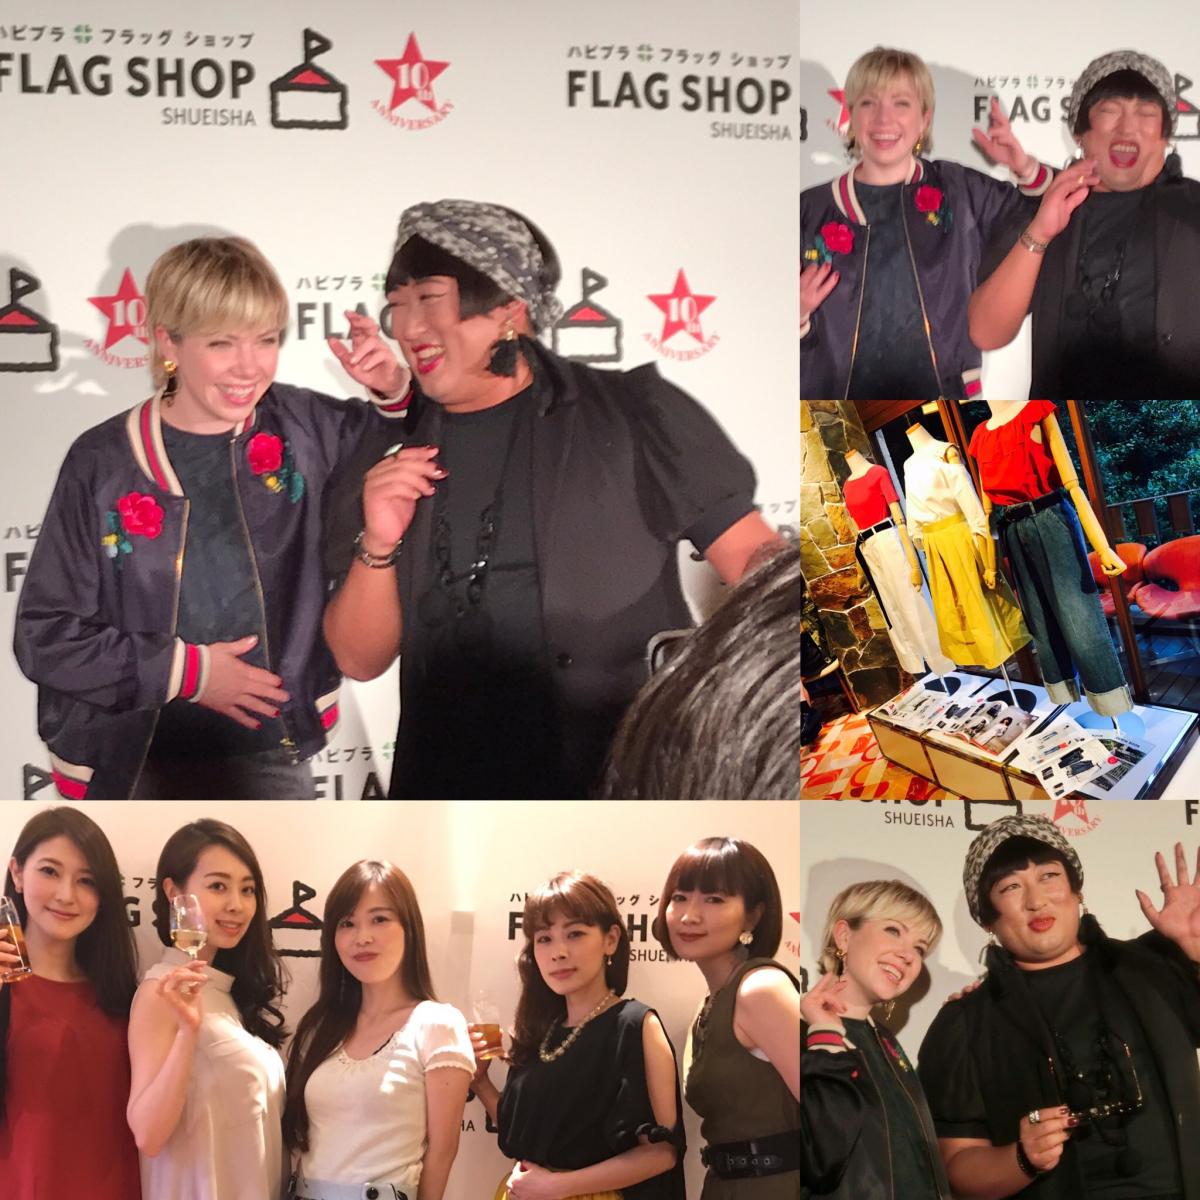 FLAGSHOP